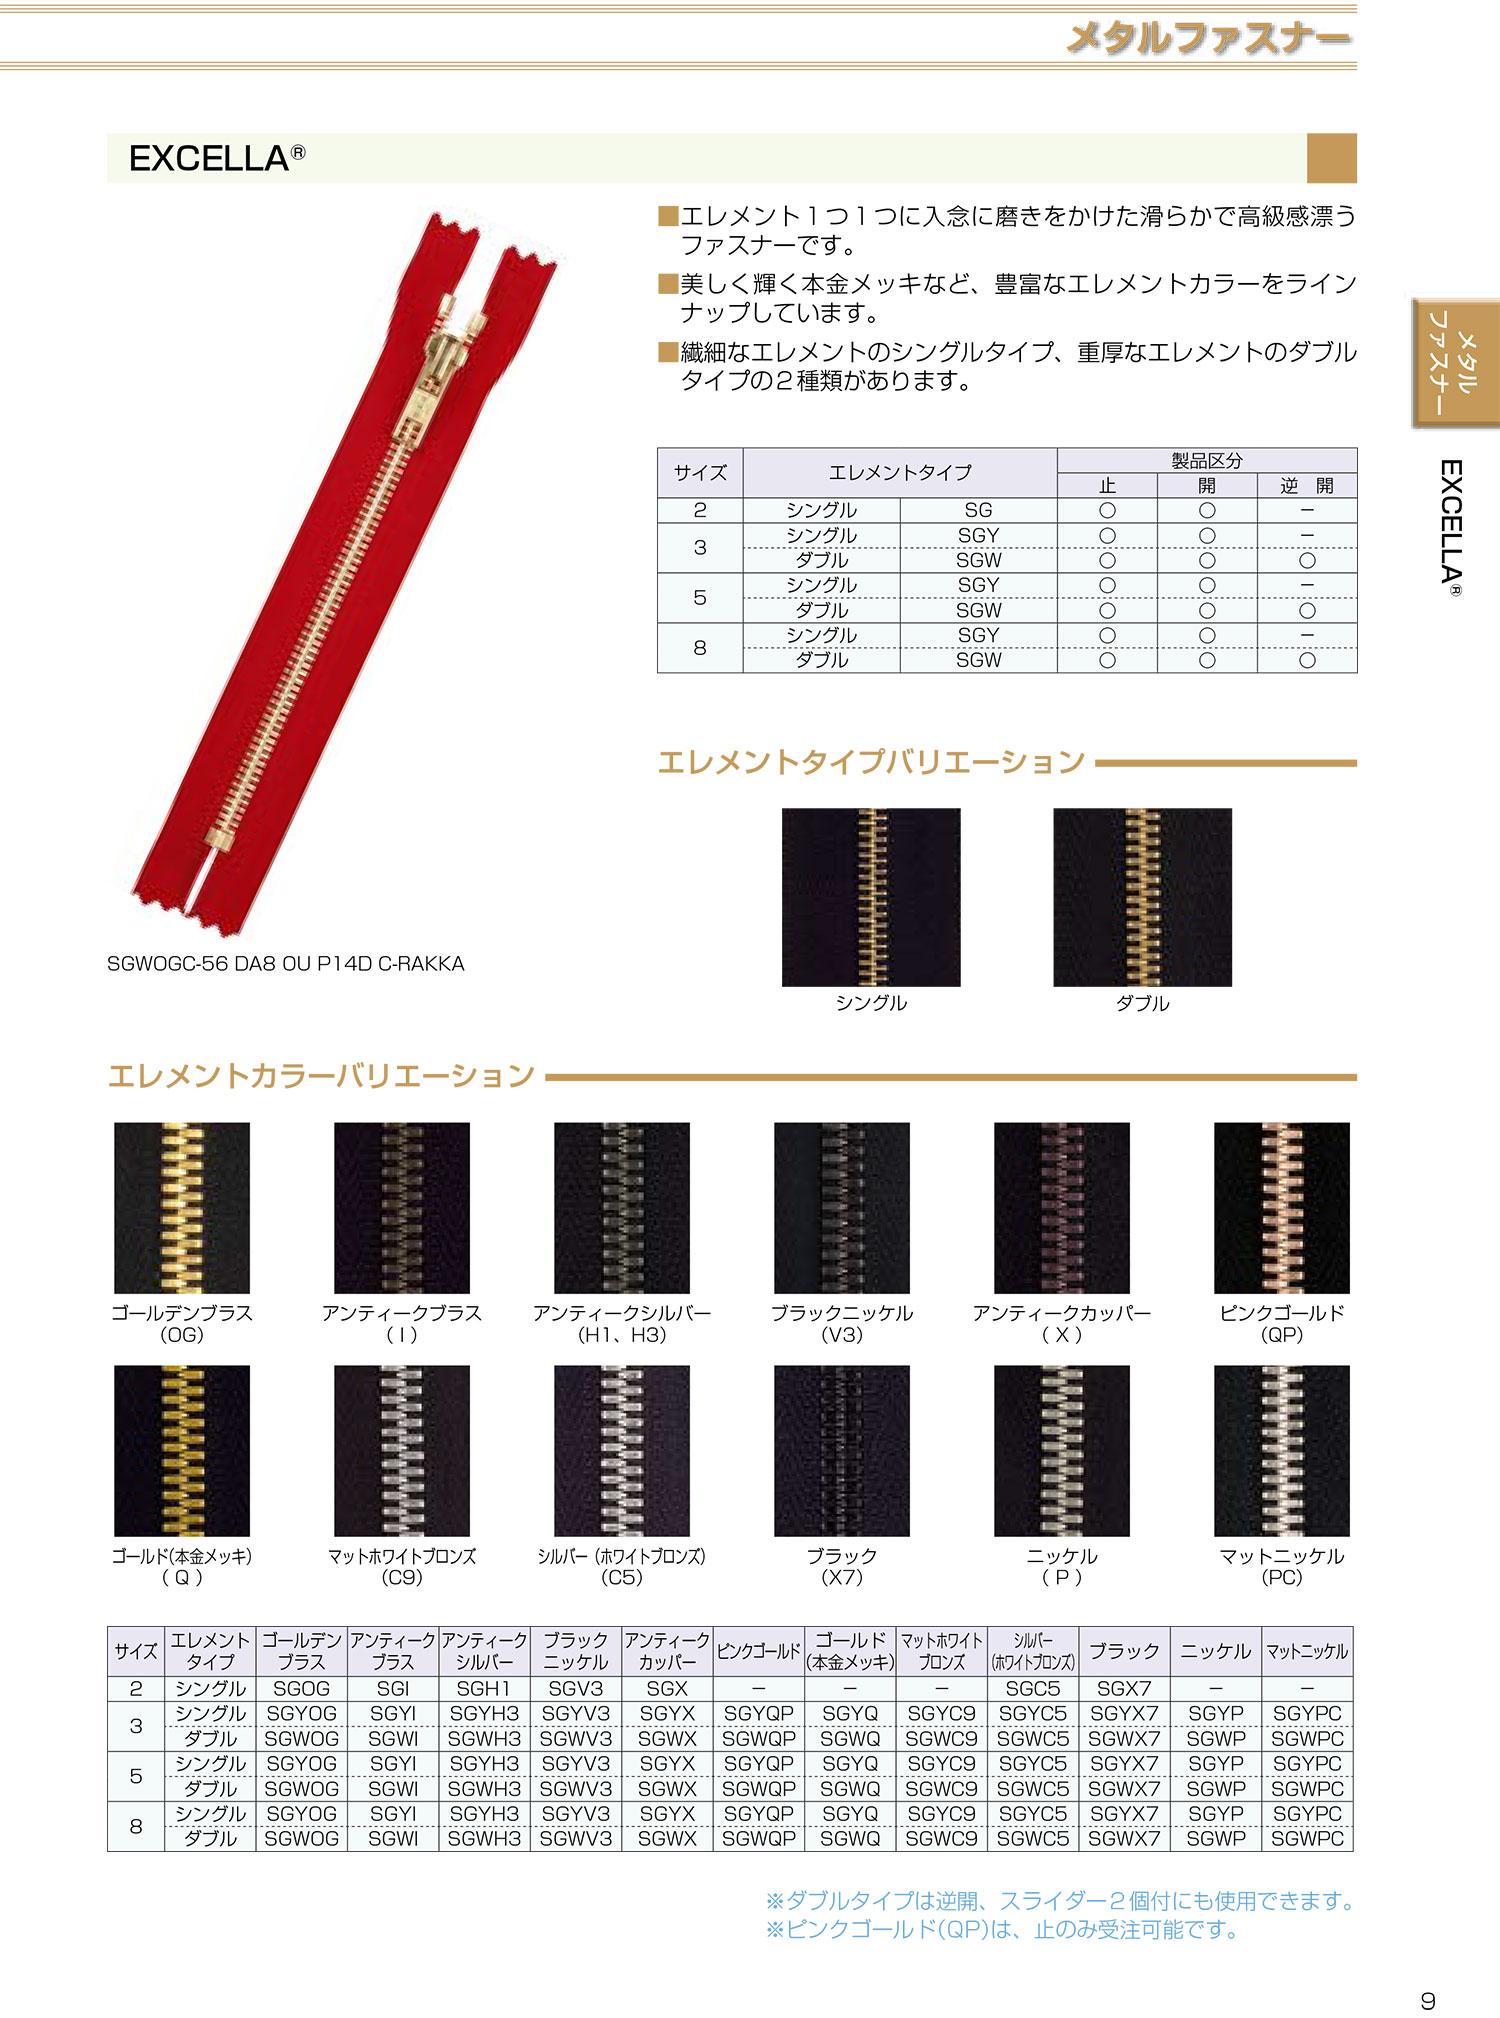 3SGWOGC エクセラ 3サイズ ゴールデンブラス 止め ダブル[ファスナー] YKK/オークラ商事 - ApparelX アパレル資材卸通販